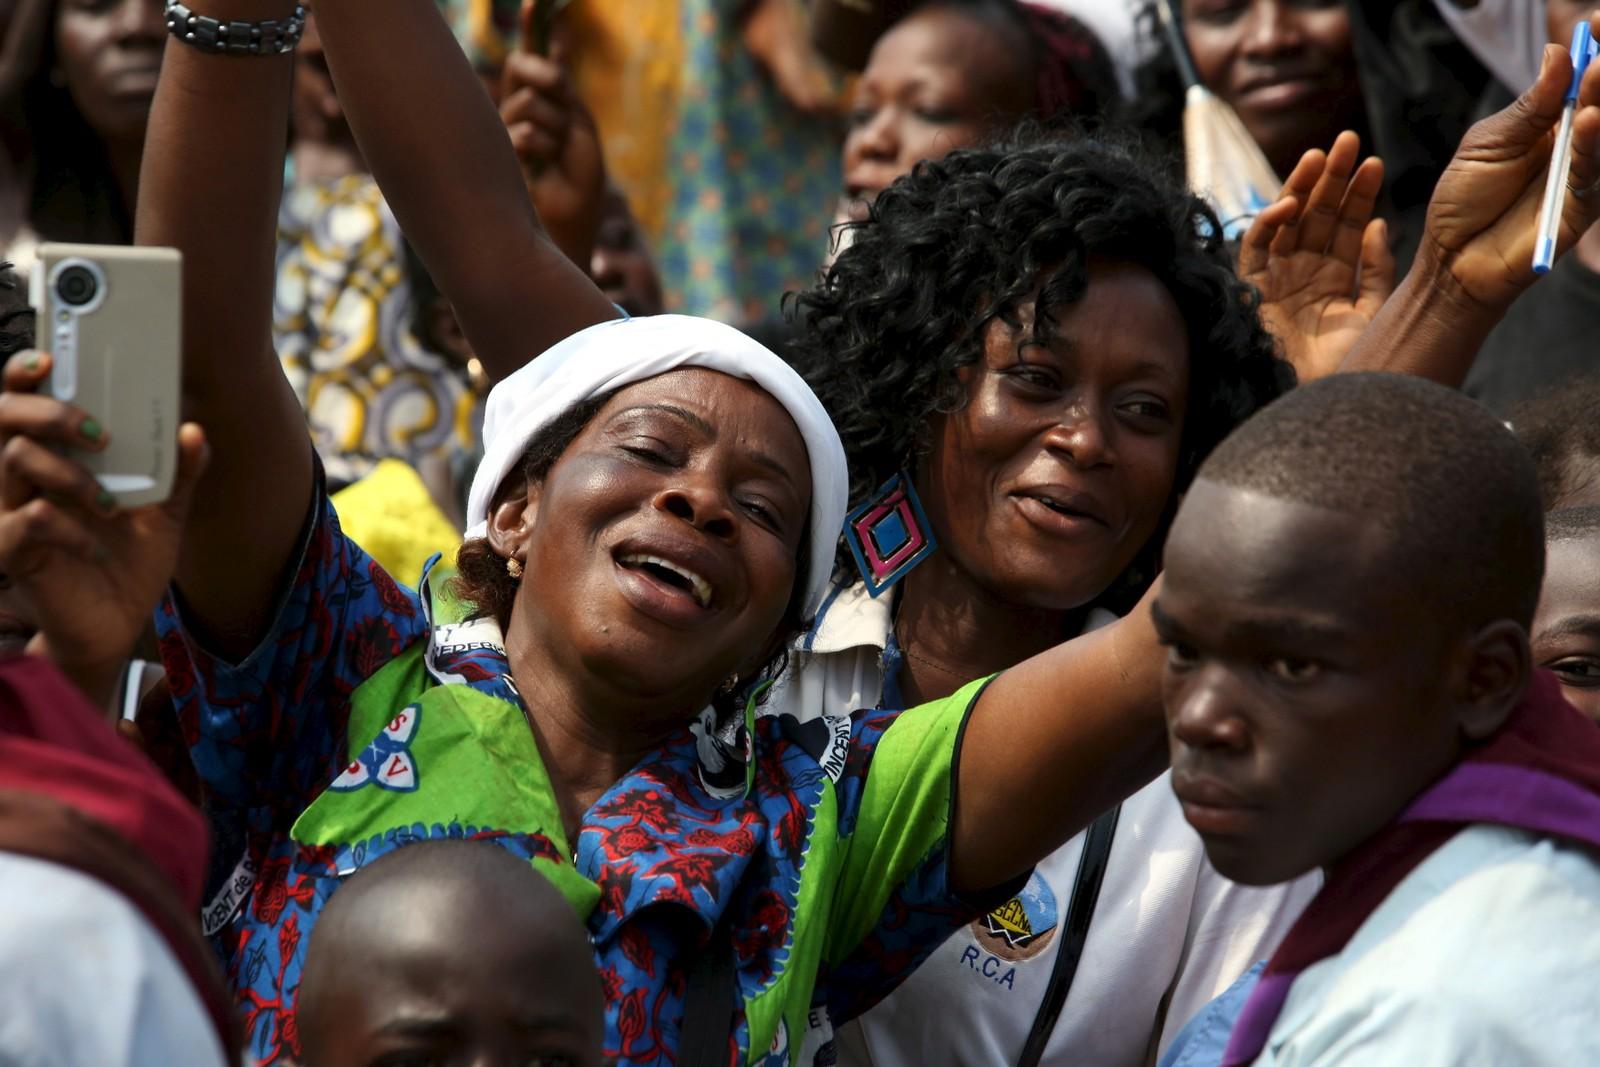 Den sentralafrikanske republikk er et av de afrikanske landene hvor et flertall er katolikker. Mange hadde møtt frem for å se paven.